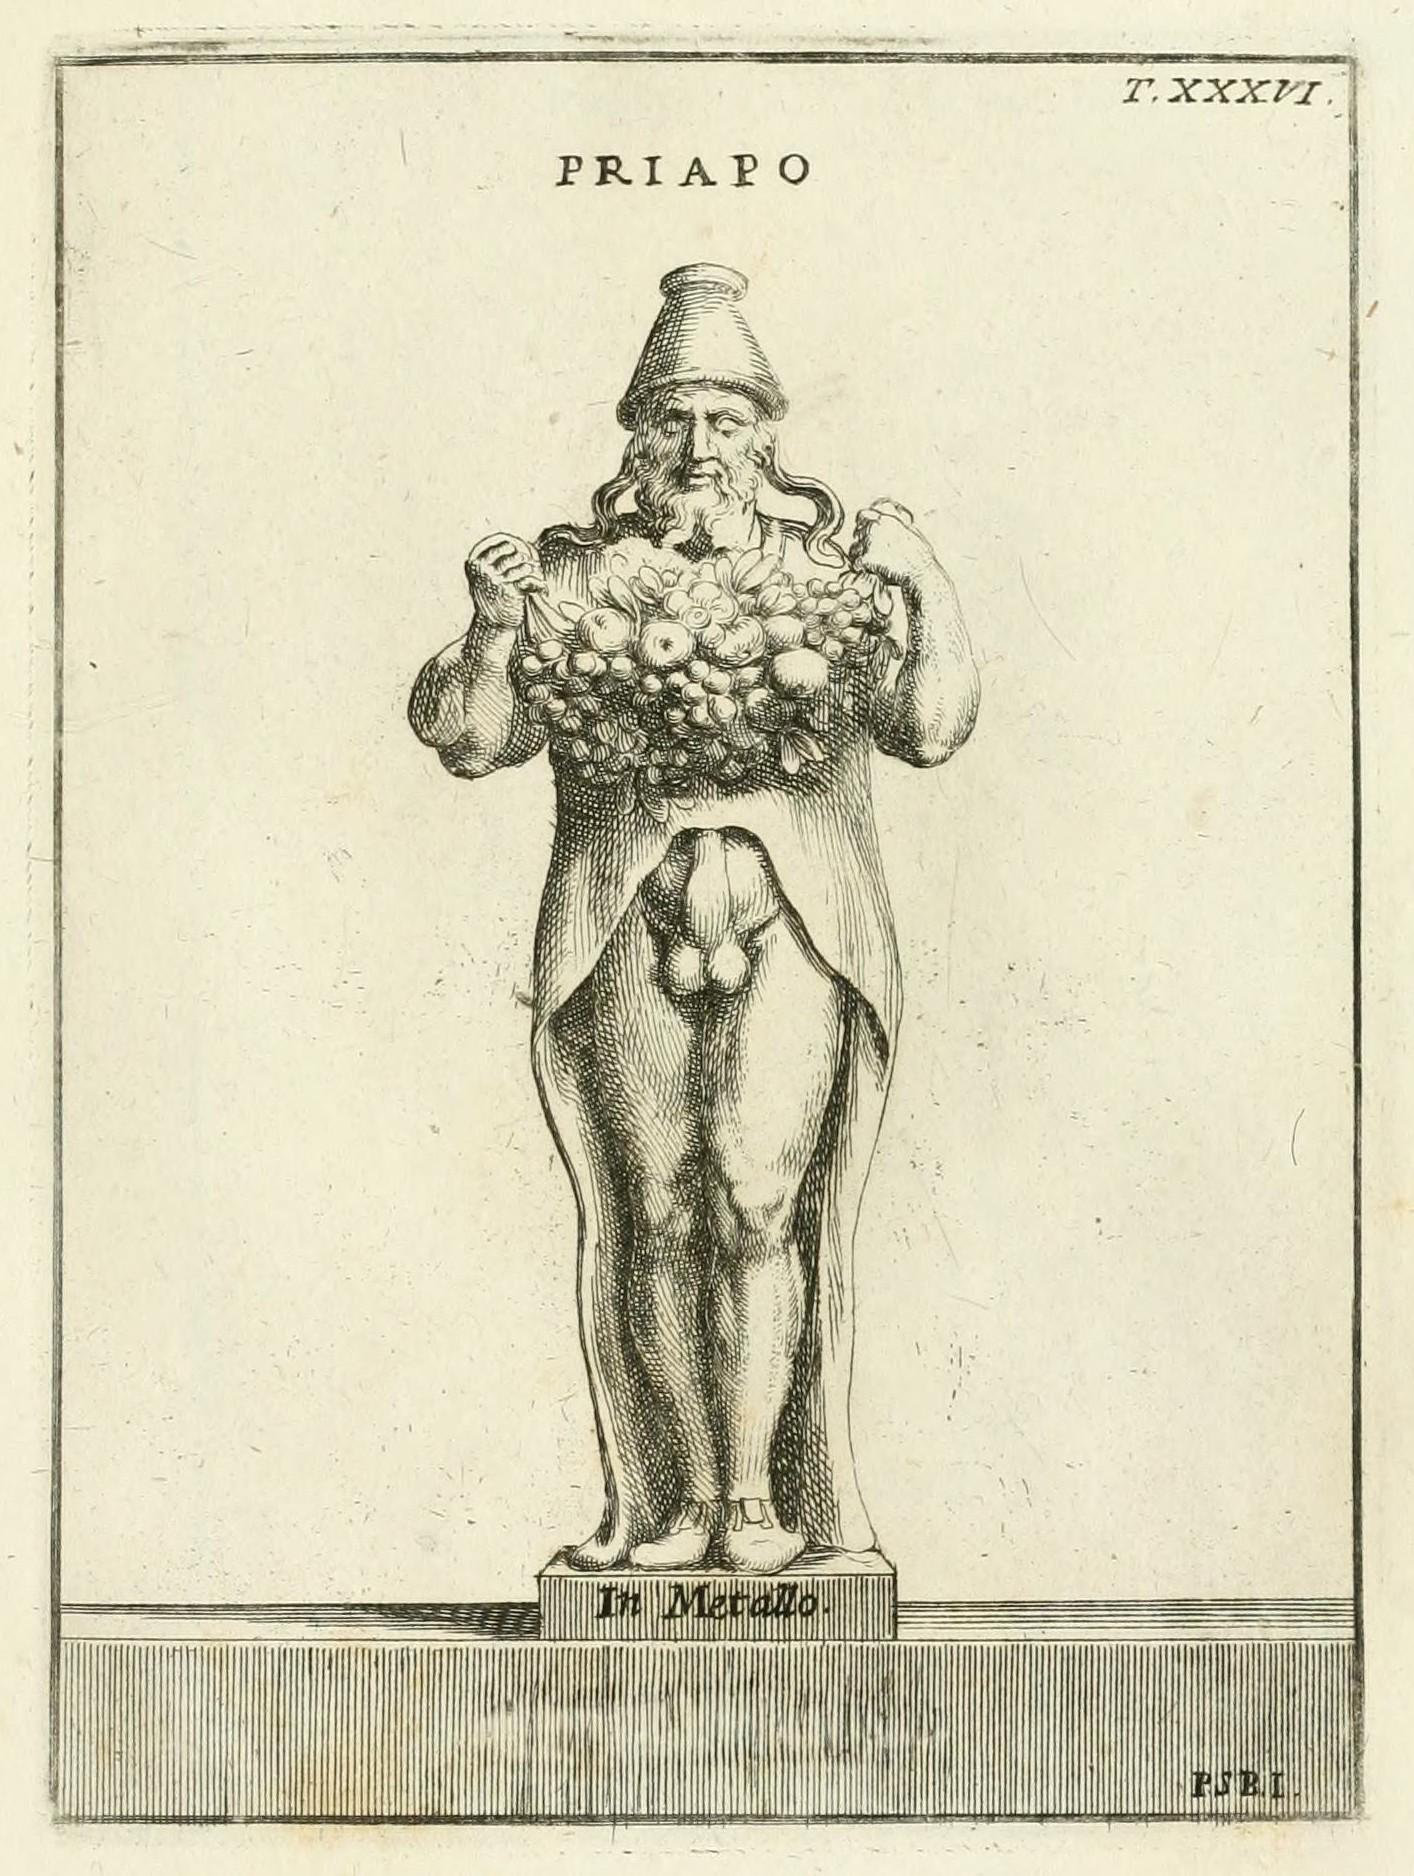 File:Priapo, Museum Odescalchum, sive, Thesaurus antiquarum gemmarum (1751).